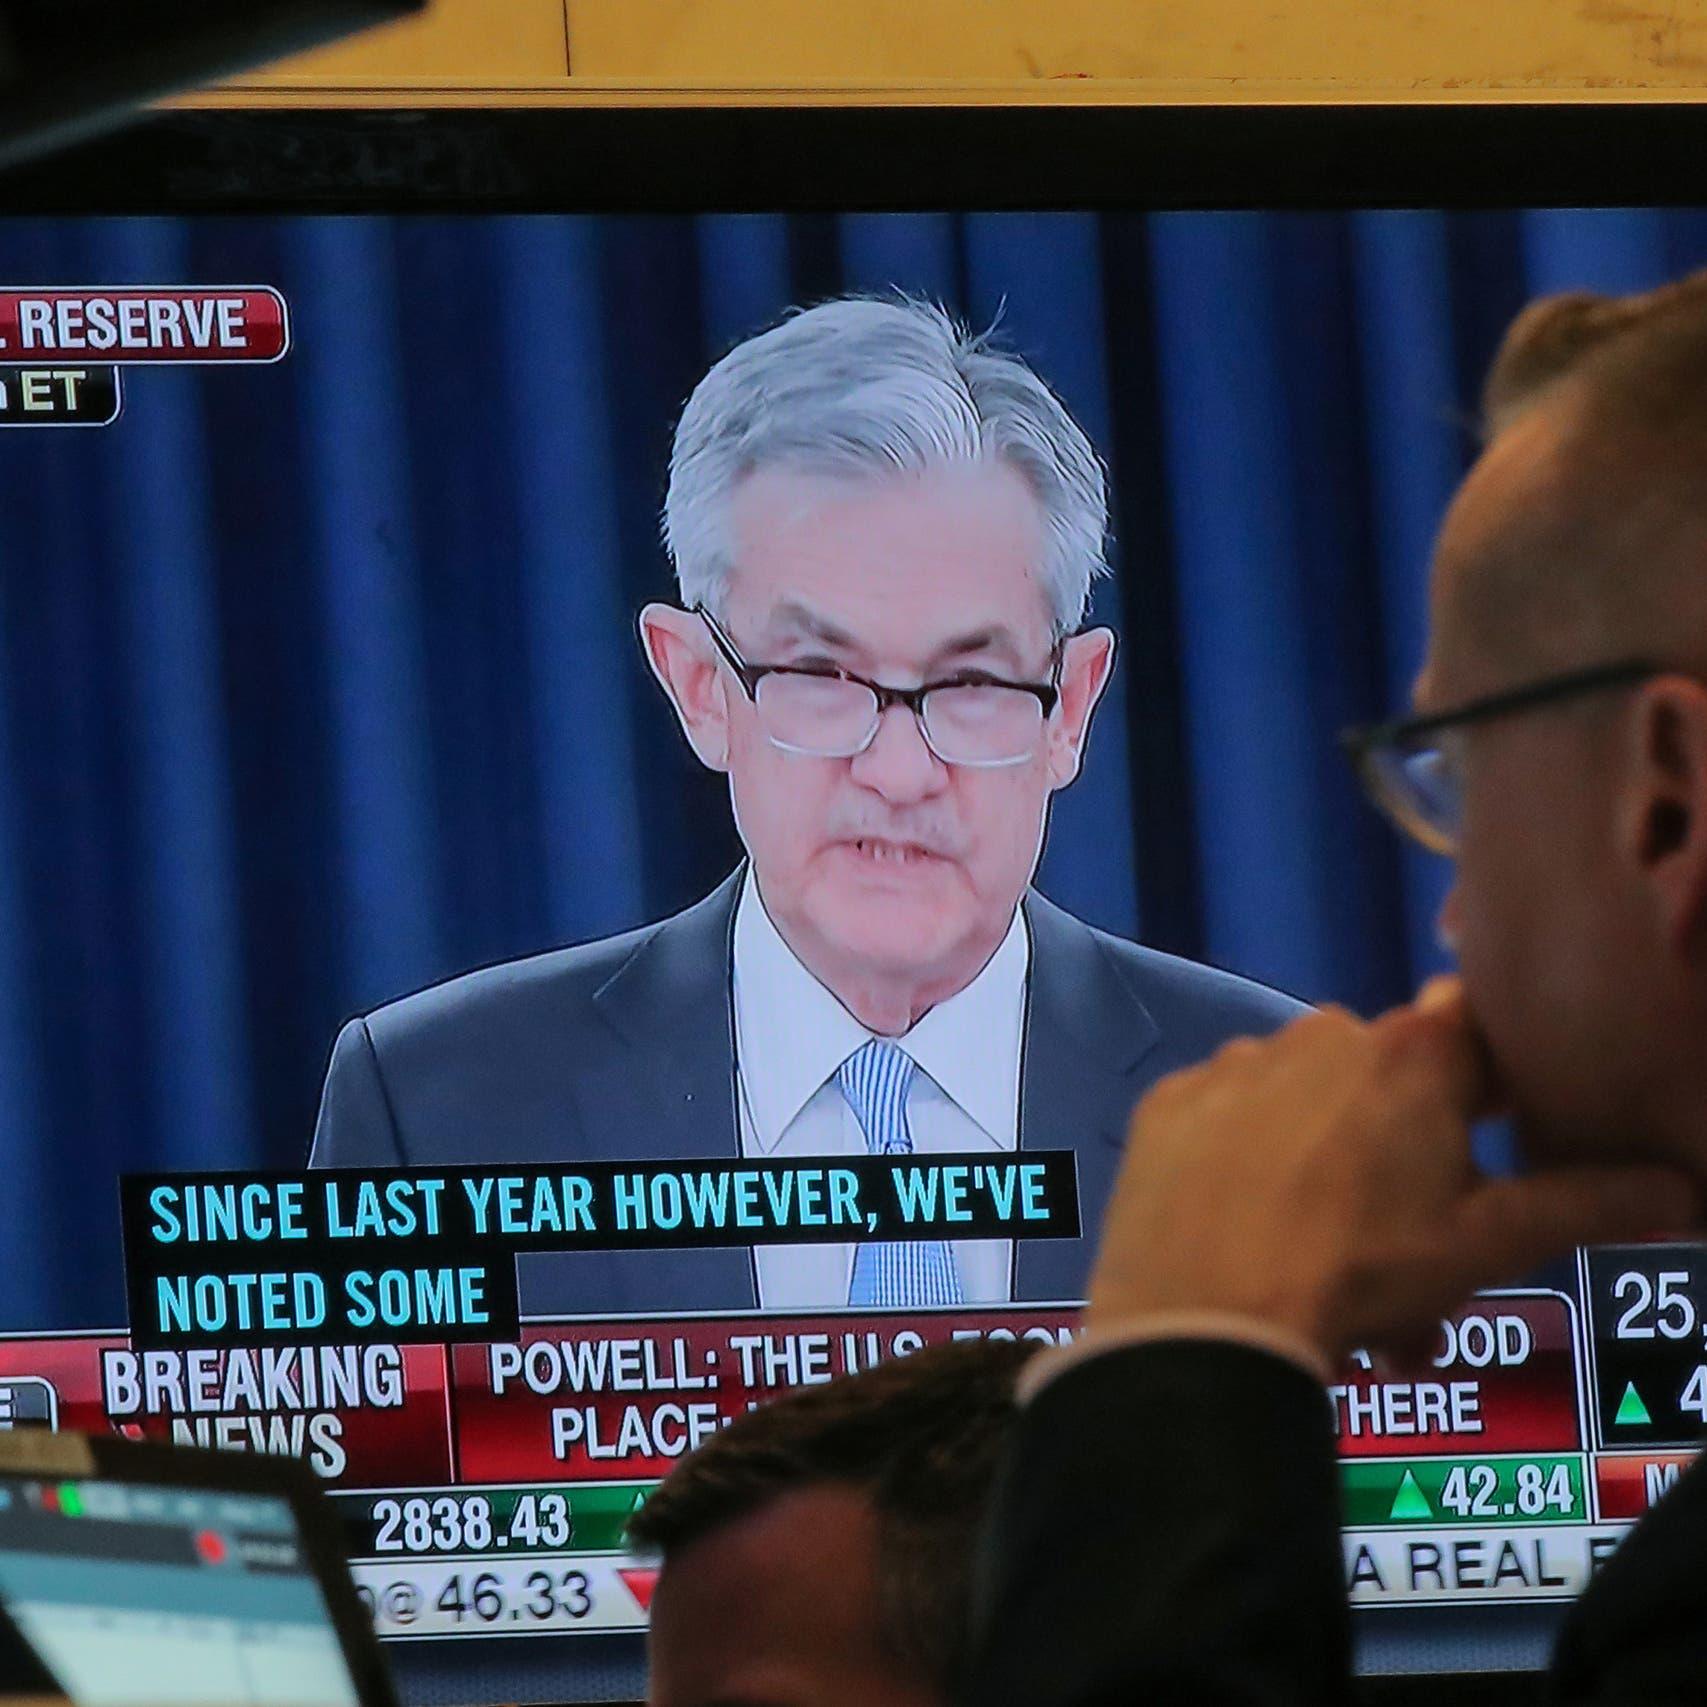 الفيدرالي يغير لهجته.. والأسواق تلتقط الإشارة